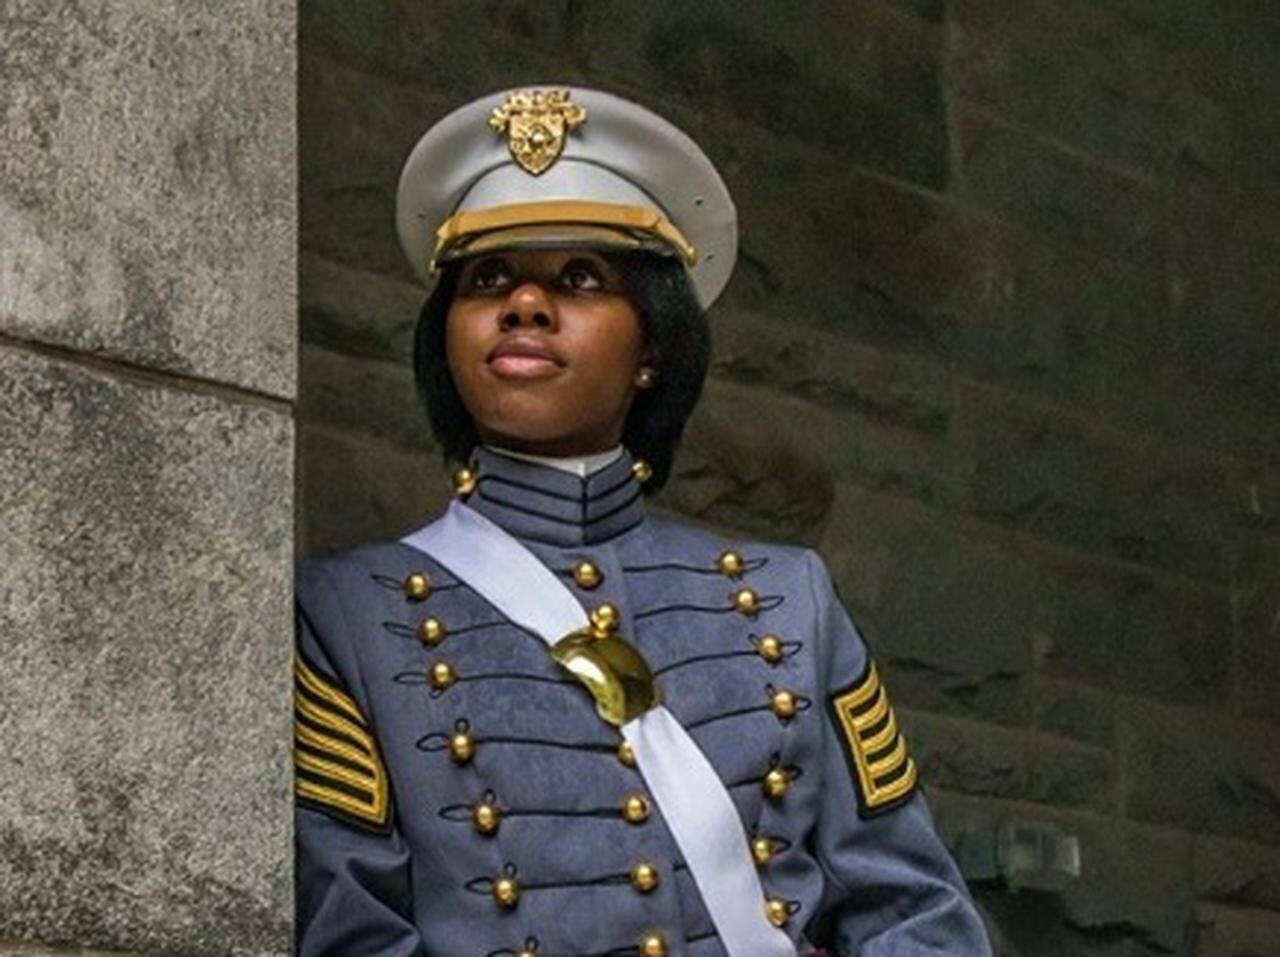 史上最多の黒人女性がアメリカ陸軍士官学校を卒業!卒業写真がかっこよ ...